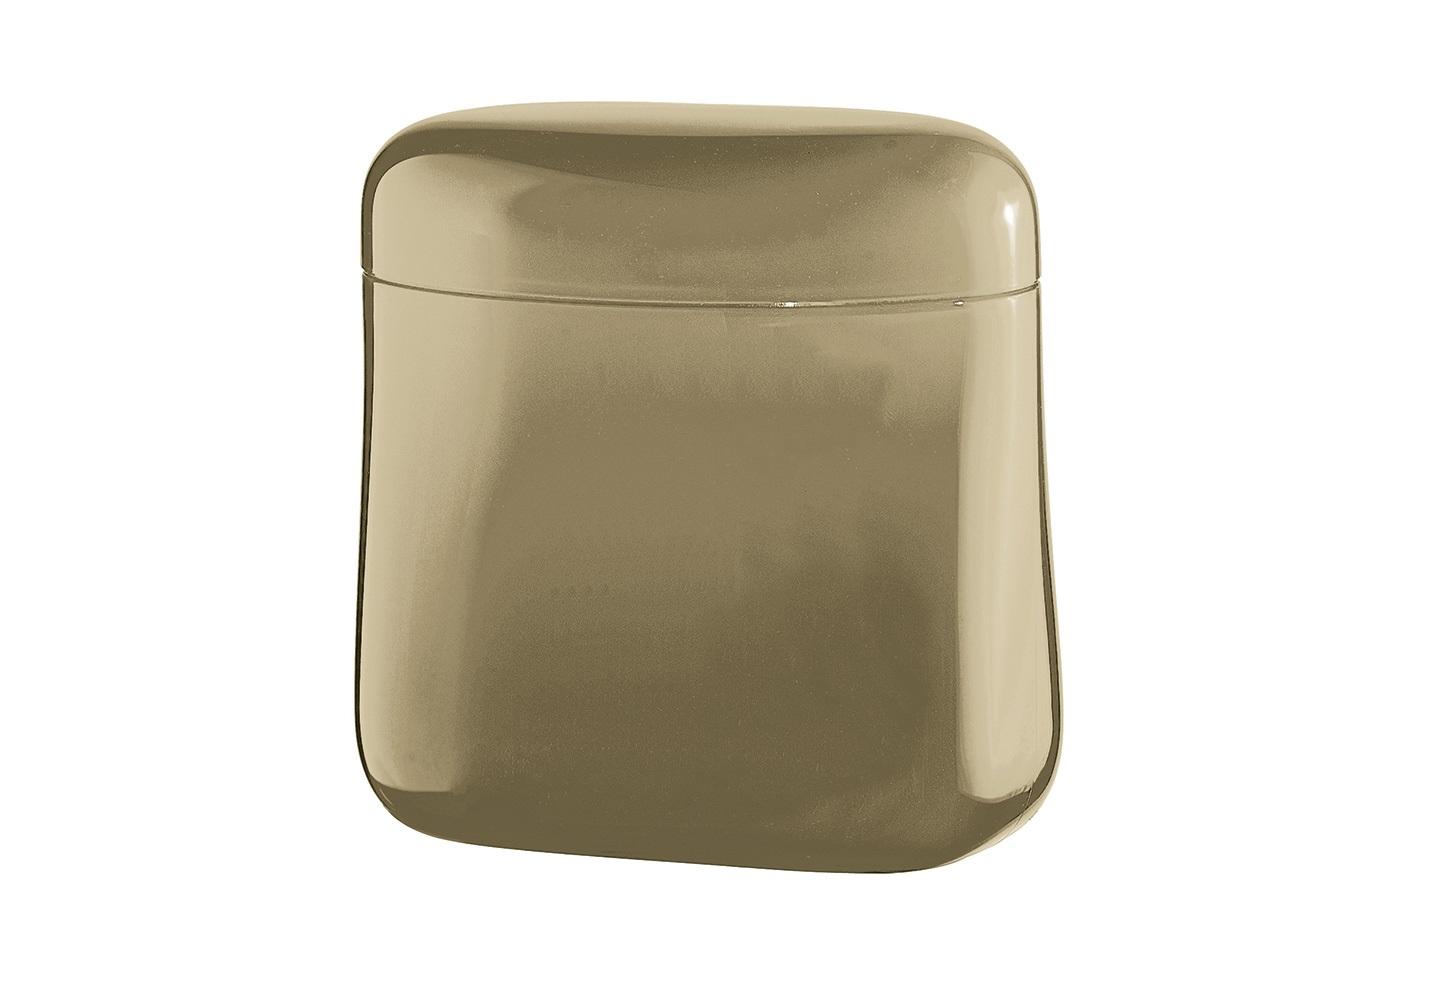 Банка для кофе GocceЕмкости для хранения<br>Банка Gocce создана специально для длительного хранения кофе. Она изготовлена из органического стекла со светонепроницаемым покрытием для защиты от преждевременного разрушения. Крышка банки плотно закрывается, что позволит надолго сохранить вкус и аромат кофе. Благодаря своей компактности, ёмкость не займет много места в шкафу и идеально поместится в дверце холодильника. При желании её можно использовать для хранения не только кофе, но и других сыпучих продуктов.&amp;amp;nbsp;&amp;amp;nbsp;&amp;lt;div&amp;gt;&amp;lt;br&amp;gt;&amp;lt;/div&amp;gt;&amp;lt;div&amp;gt;Объем 700 мл.&amp;amp;nbsp;&amp;lt;/div&amp;gt;&amp;lt;div&amp;gt;Пригодна для мытья в посудомоечной машине.&amp;lt;/div&amp;gt;<br><br>Material: Стекло<br>Ширина см: 14<br>Высота см: 14<br>Глубина см: 8